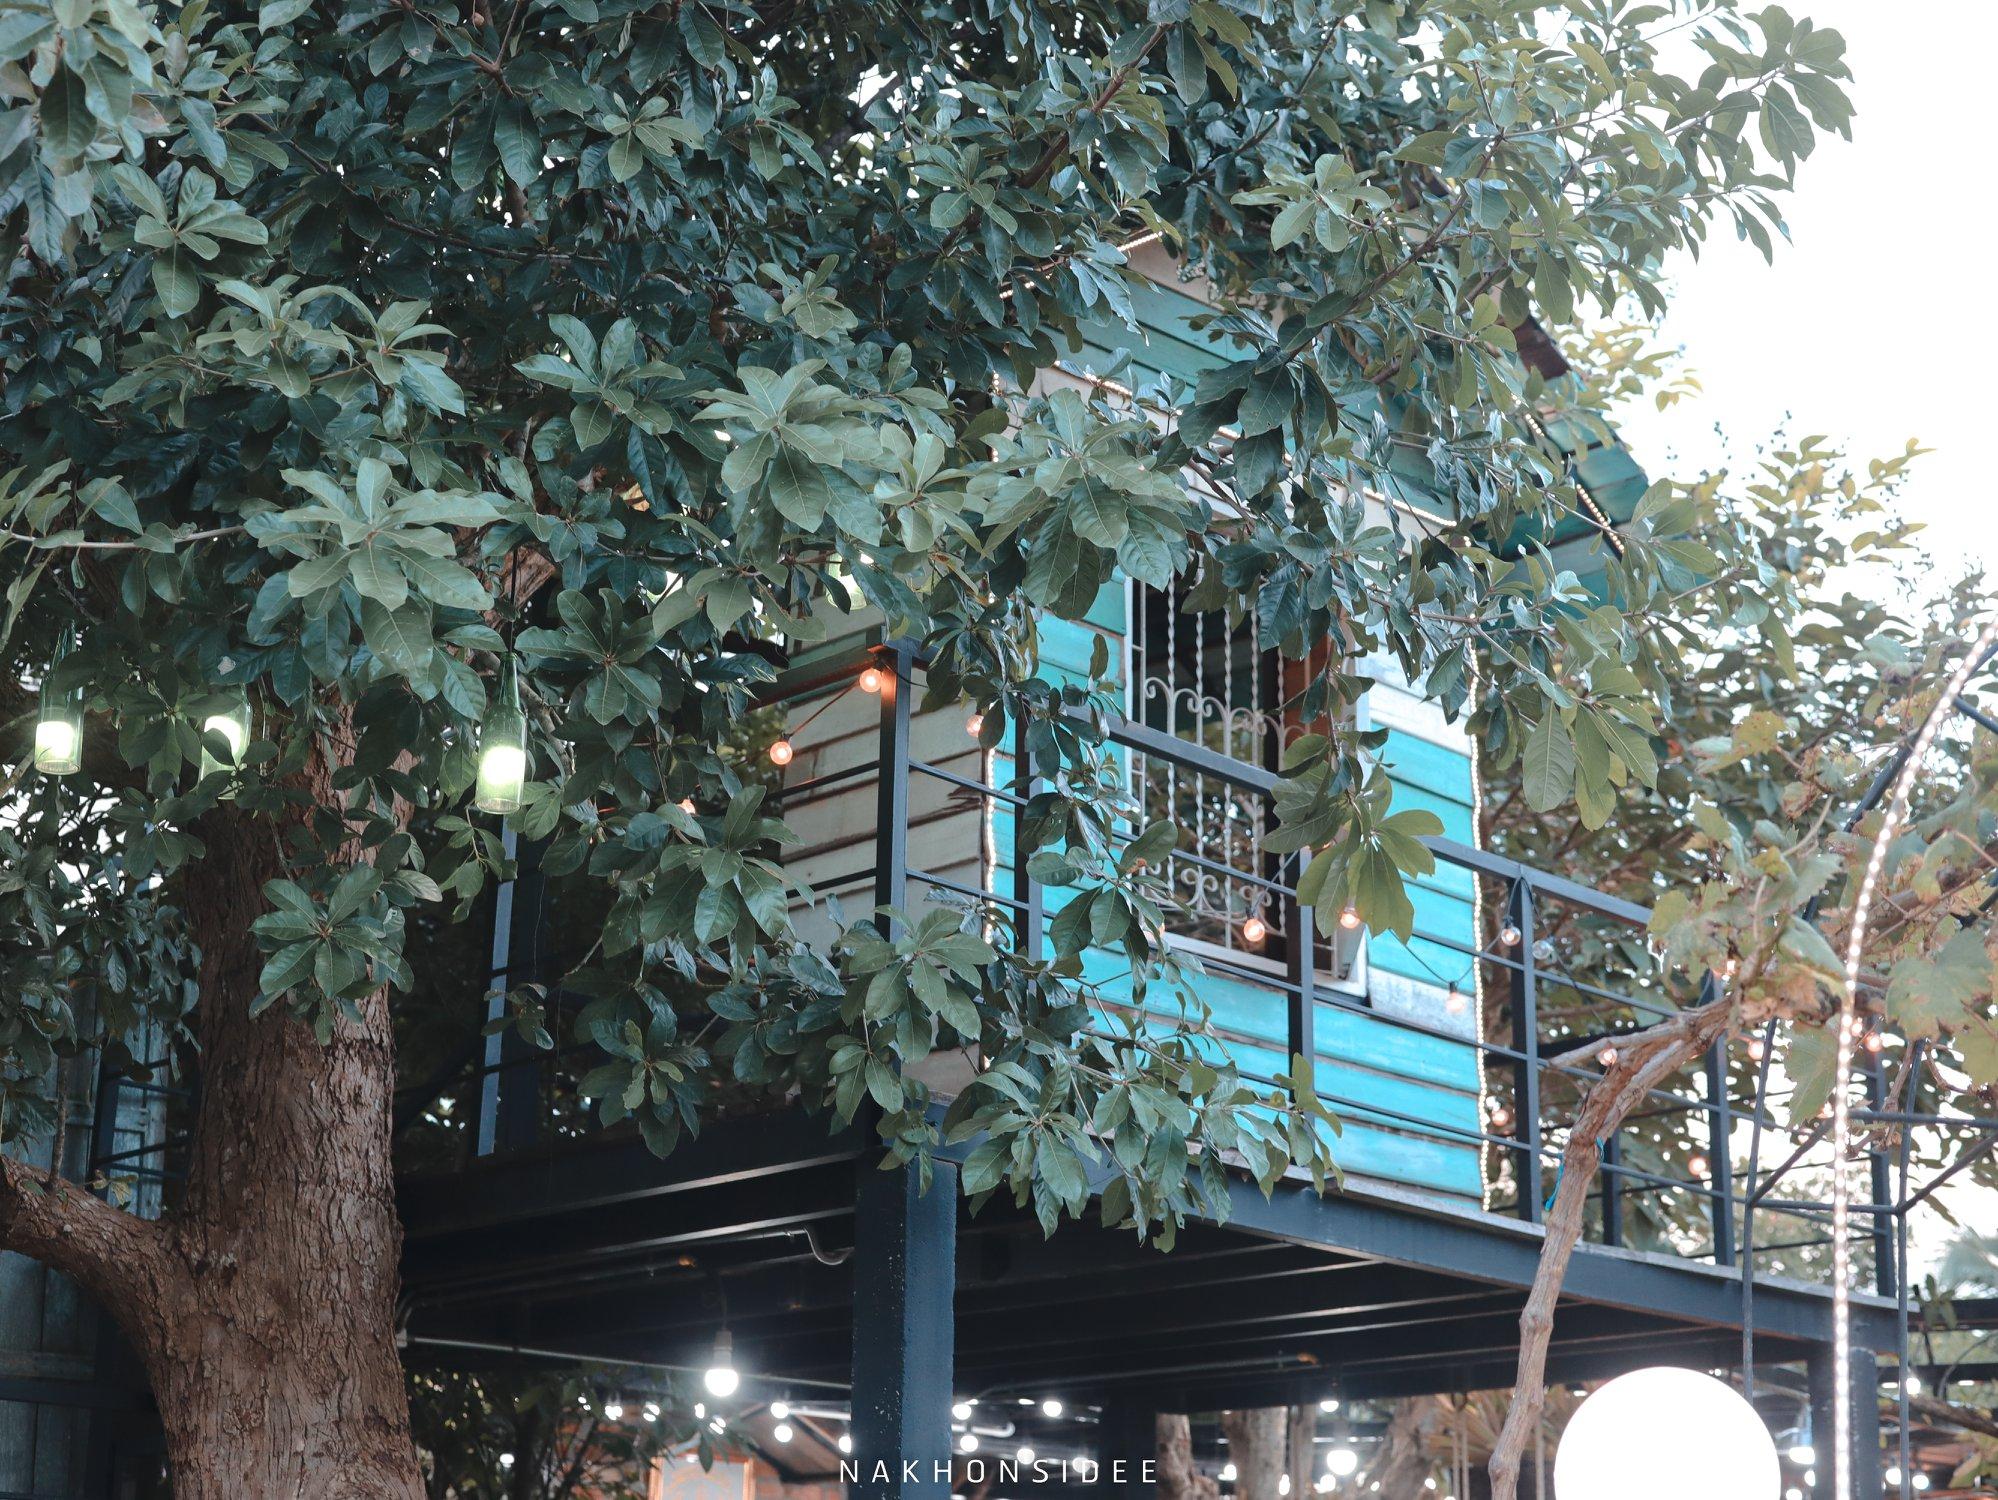 ต้นไม้สวยยย  treestation,ร้านอาหาร,คาเฟ่,กลางป่า,อร่อย,ของกิน,นครศรีธรรมราช